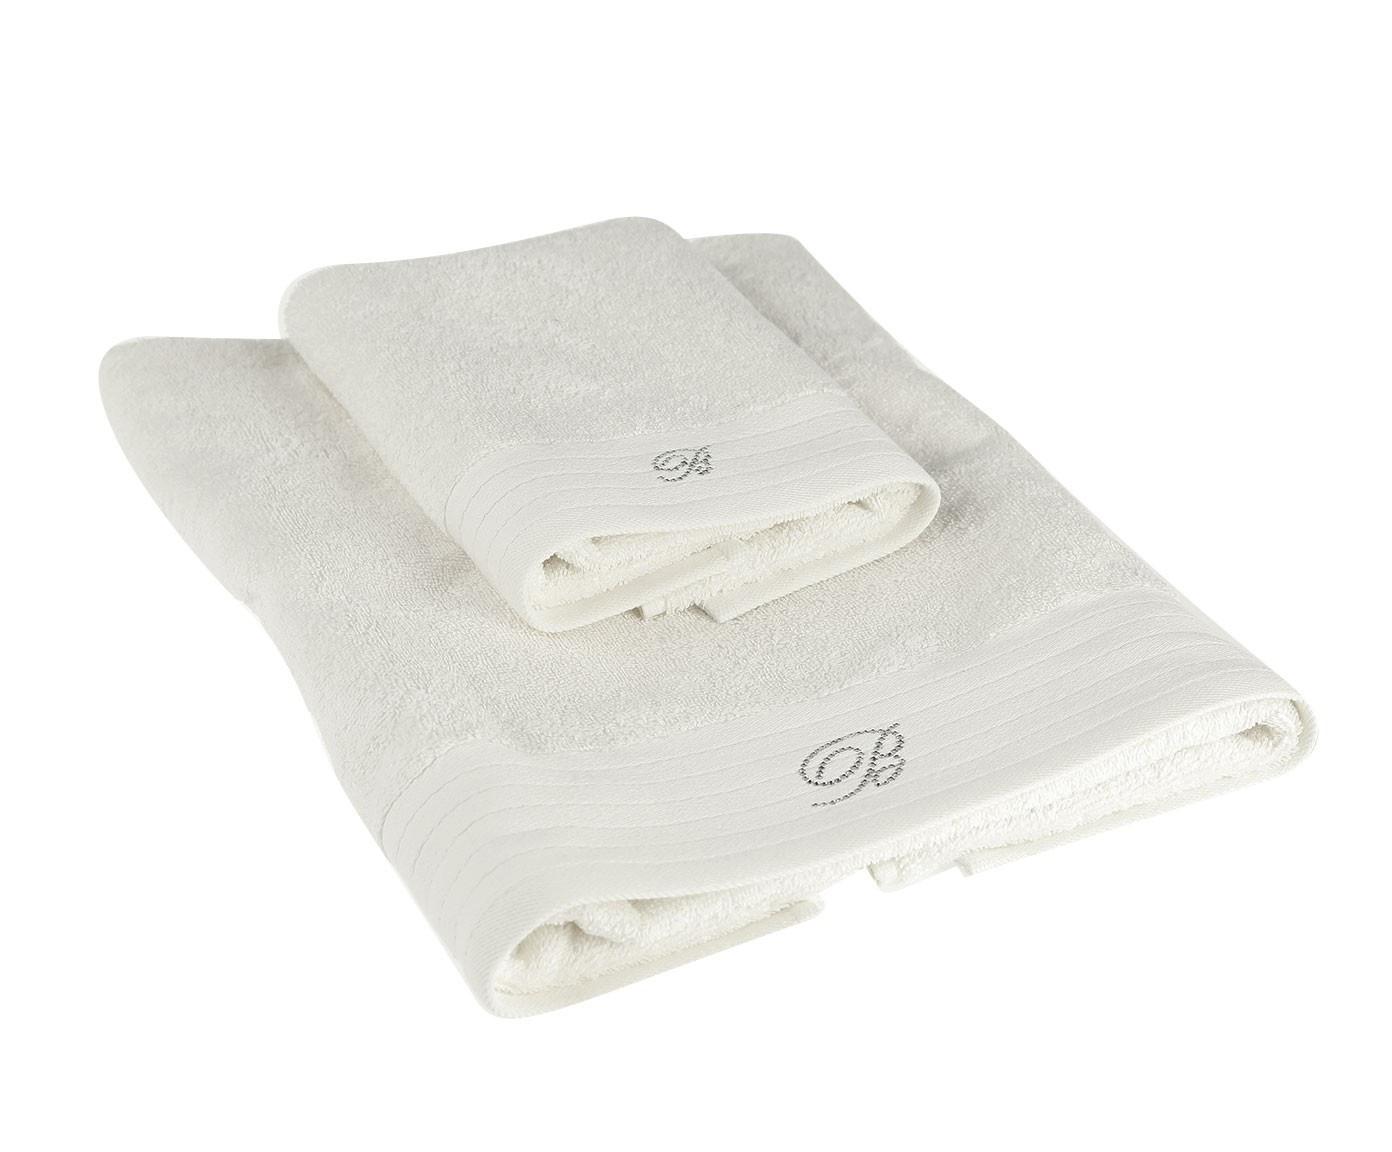 Набор банных полотенец Blumarine 1423103, белый набор банных полотенец blumarine dustin white белый